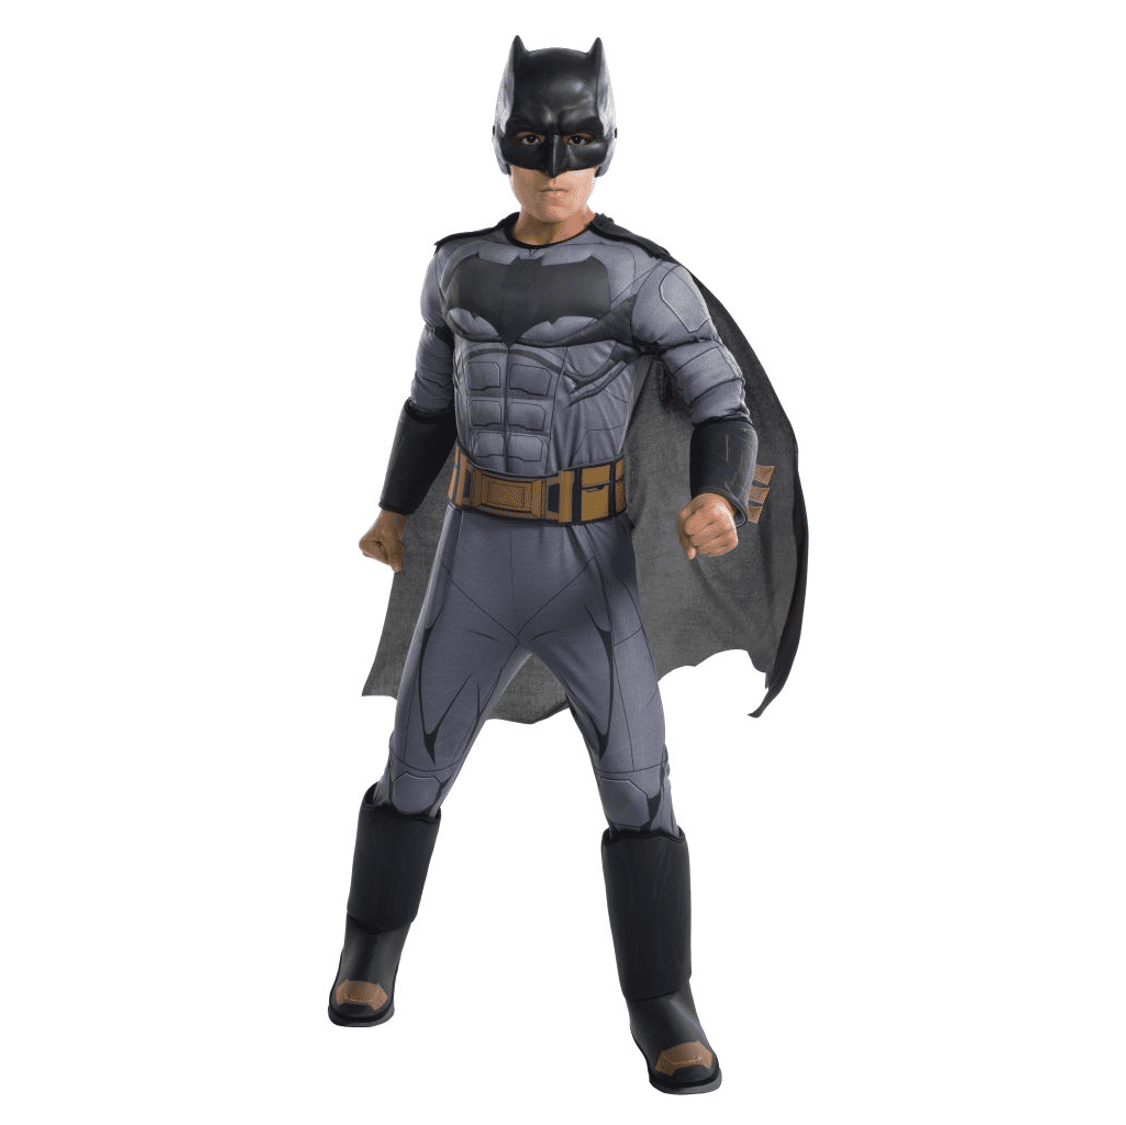 תחפושת באטמן שרירי ליגת הצדק – פורים רוביס